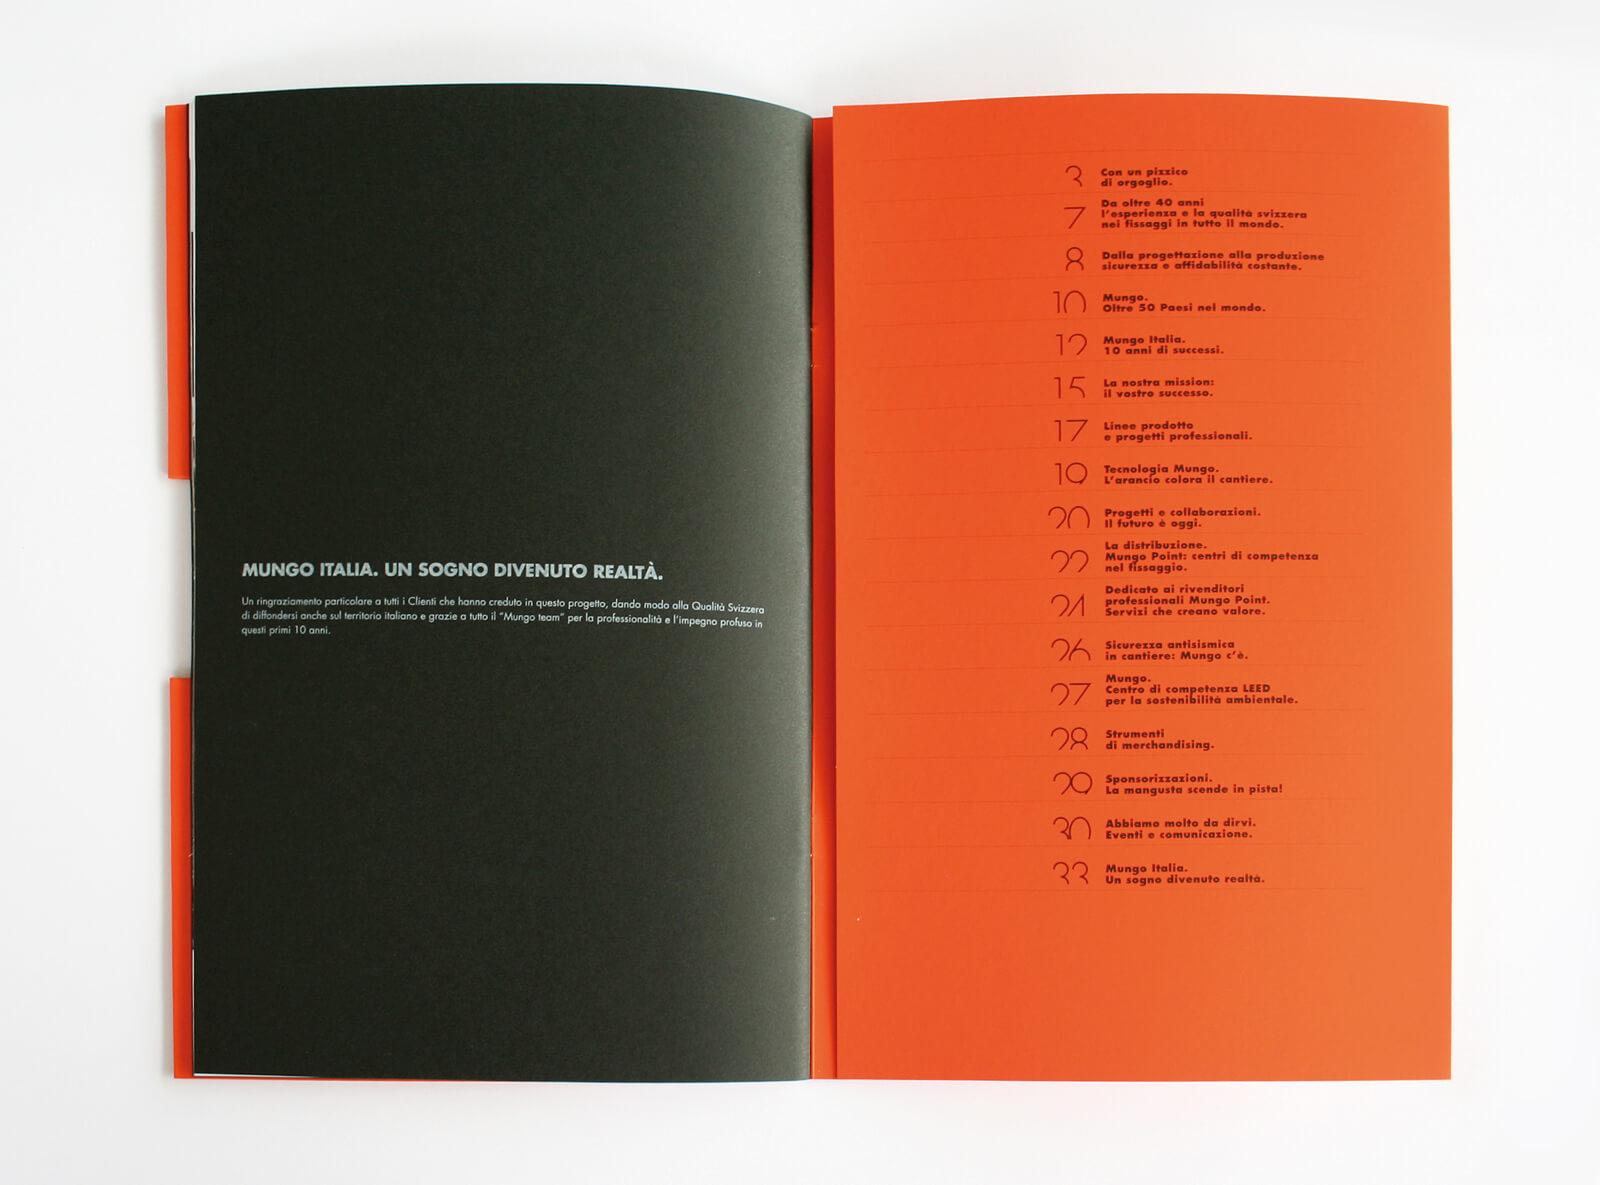 dettaglio pagine interne brochure aziendale mungo italia, progetto agenzia diade studio grafico arco trento